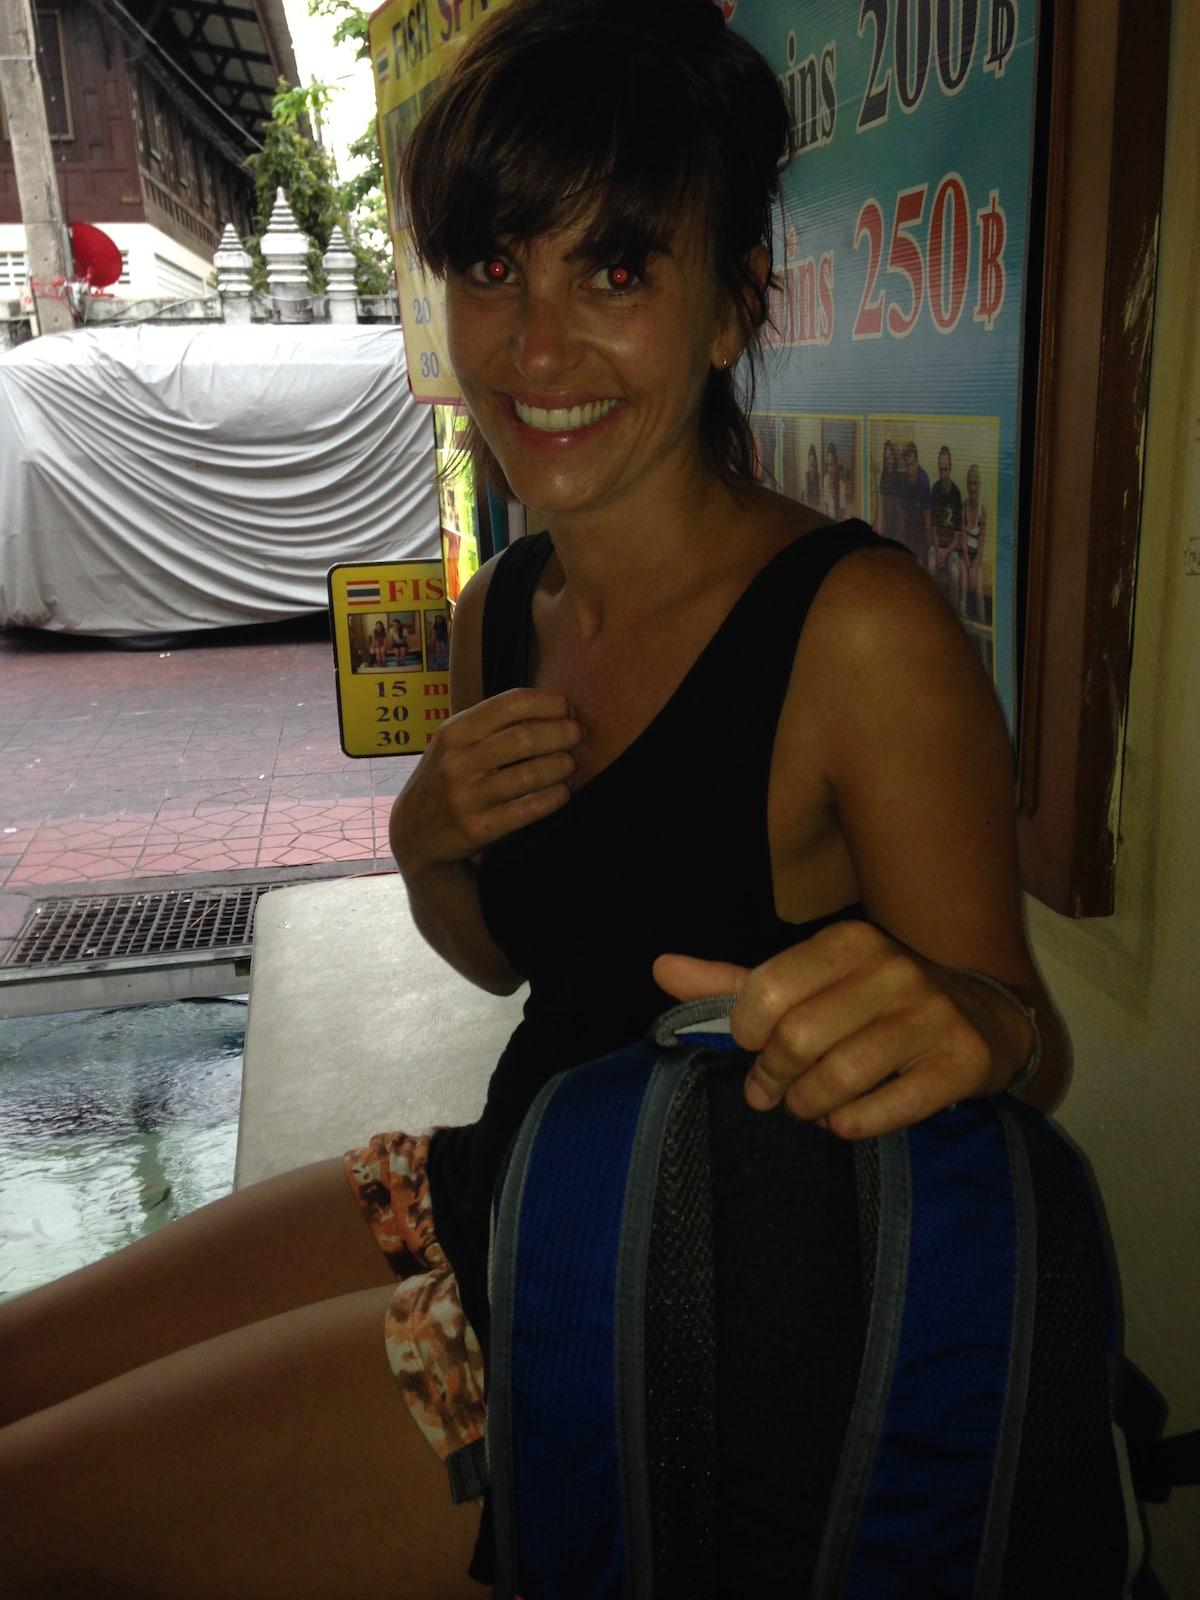 Geraldine from Hong Kong